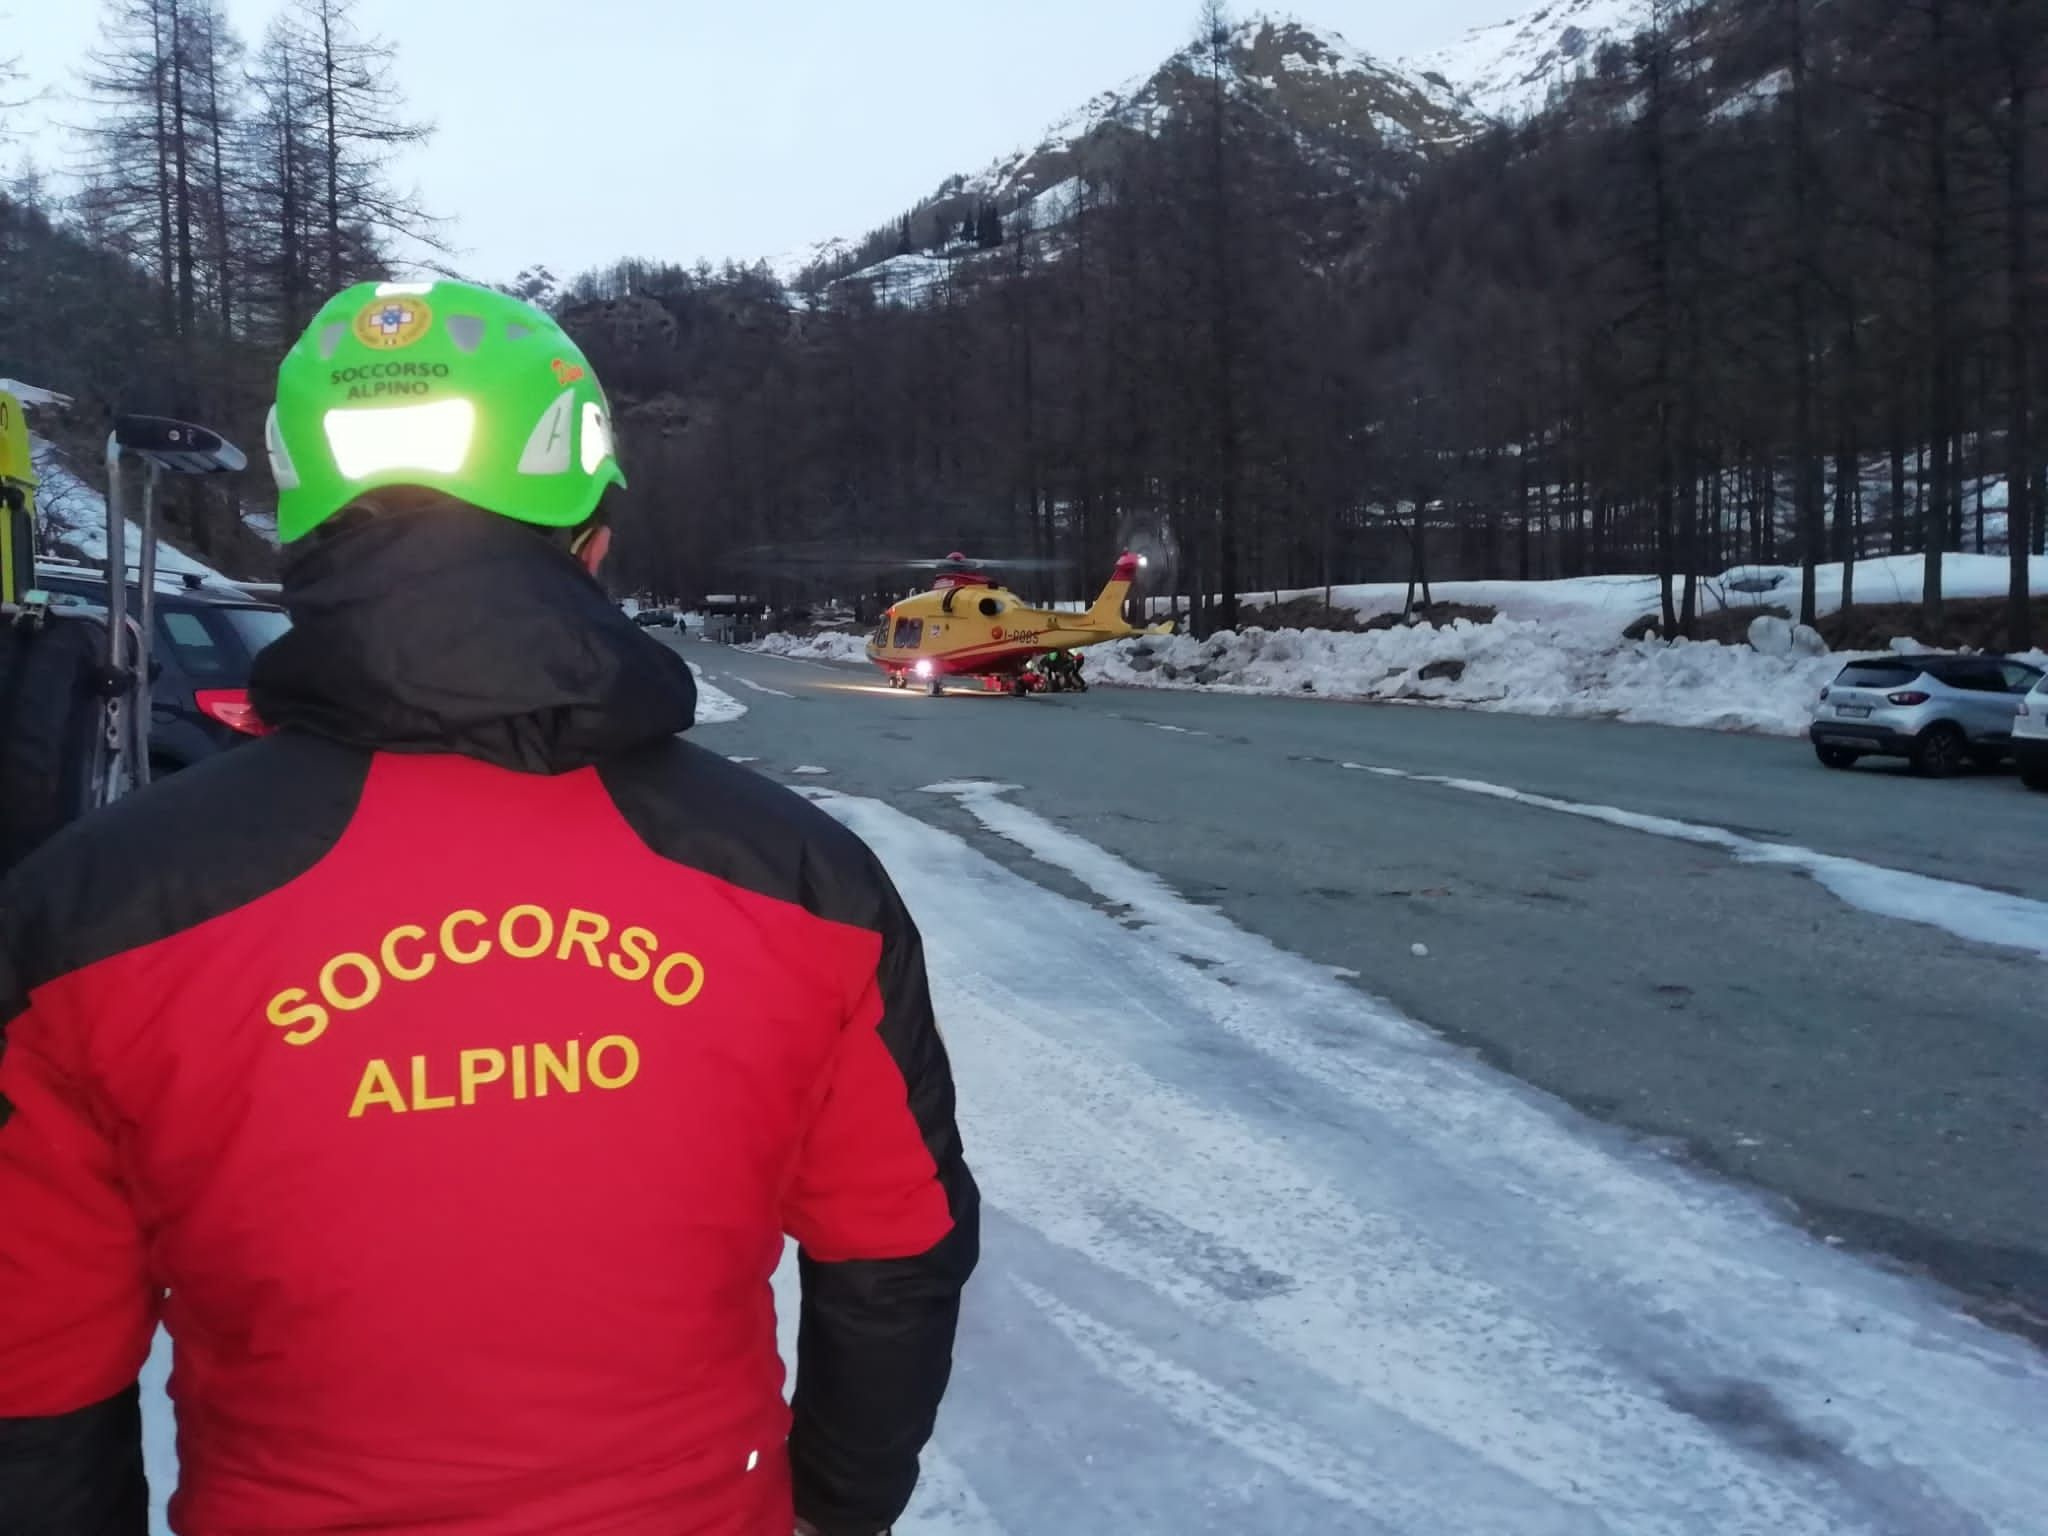 VALPRATO SOANA - 4 escursionisti salvati dal soccorso alpino